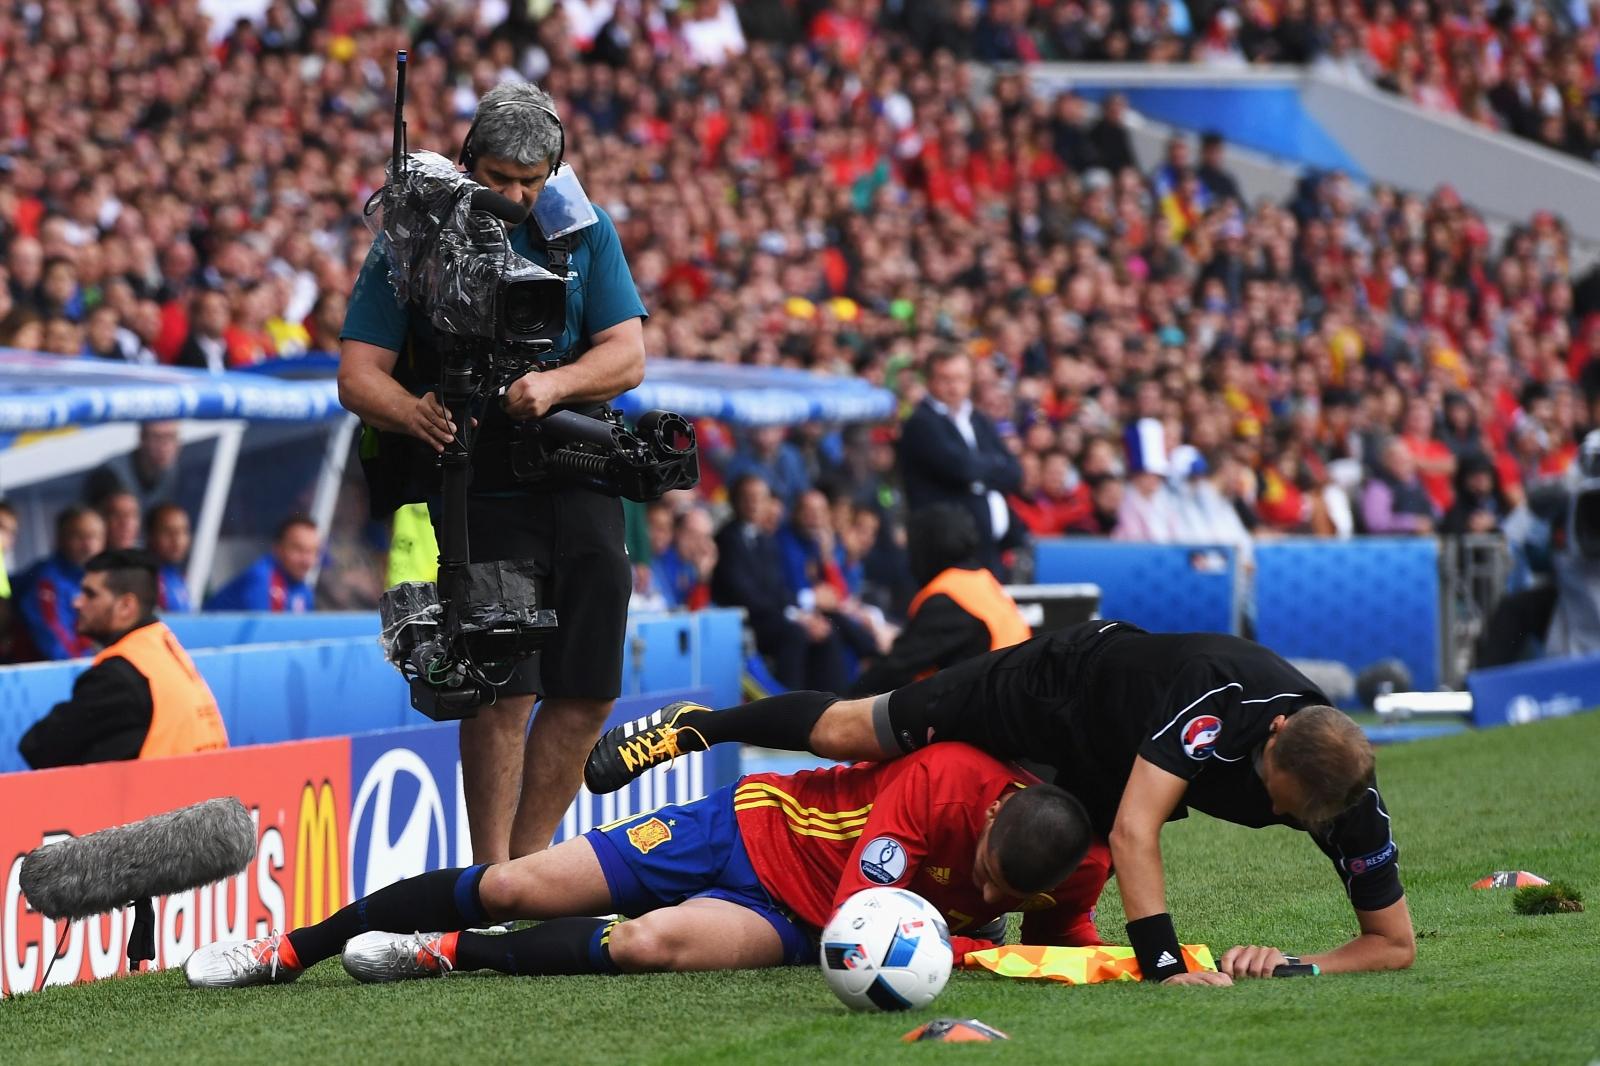 Morata tackles the linesman